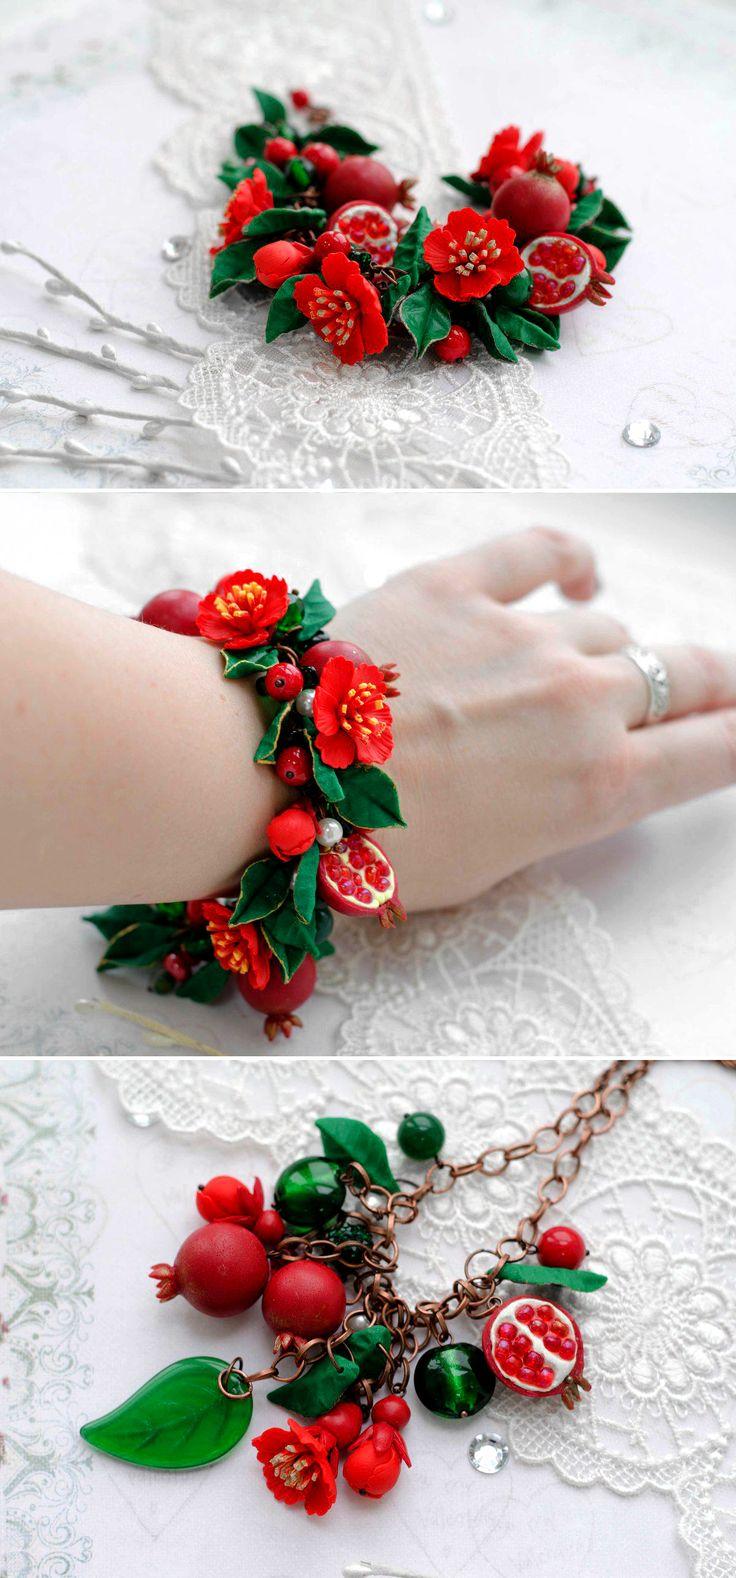 Polymer Clay Bracelet with Gemstone Beads | Браслет из полимерной глины «Гранат в цвету» с натуральными камнями — Купить, заказать, браслет, гранат, камень, глина, полимерная глина, ручная работа